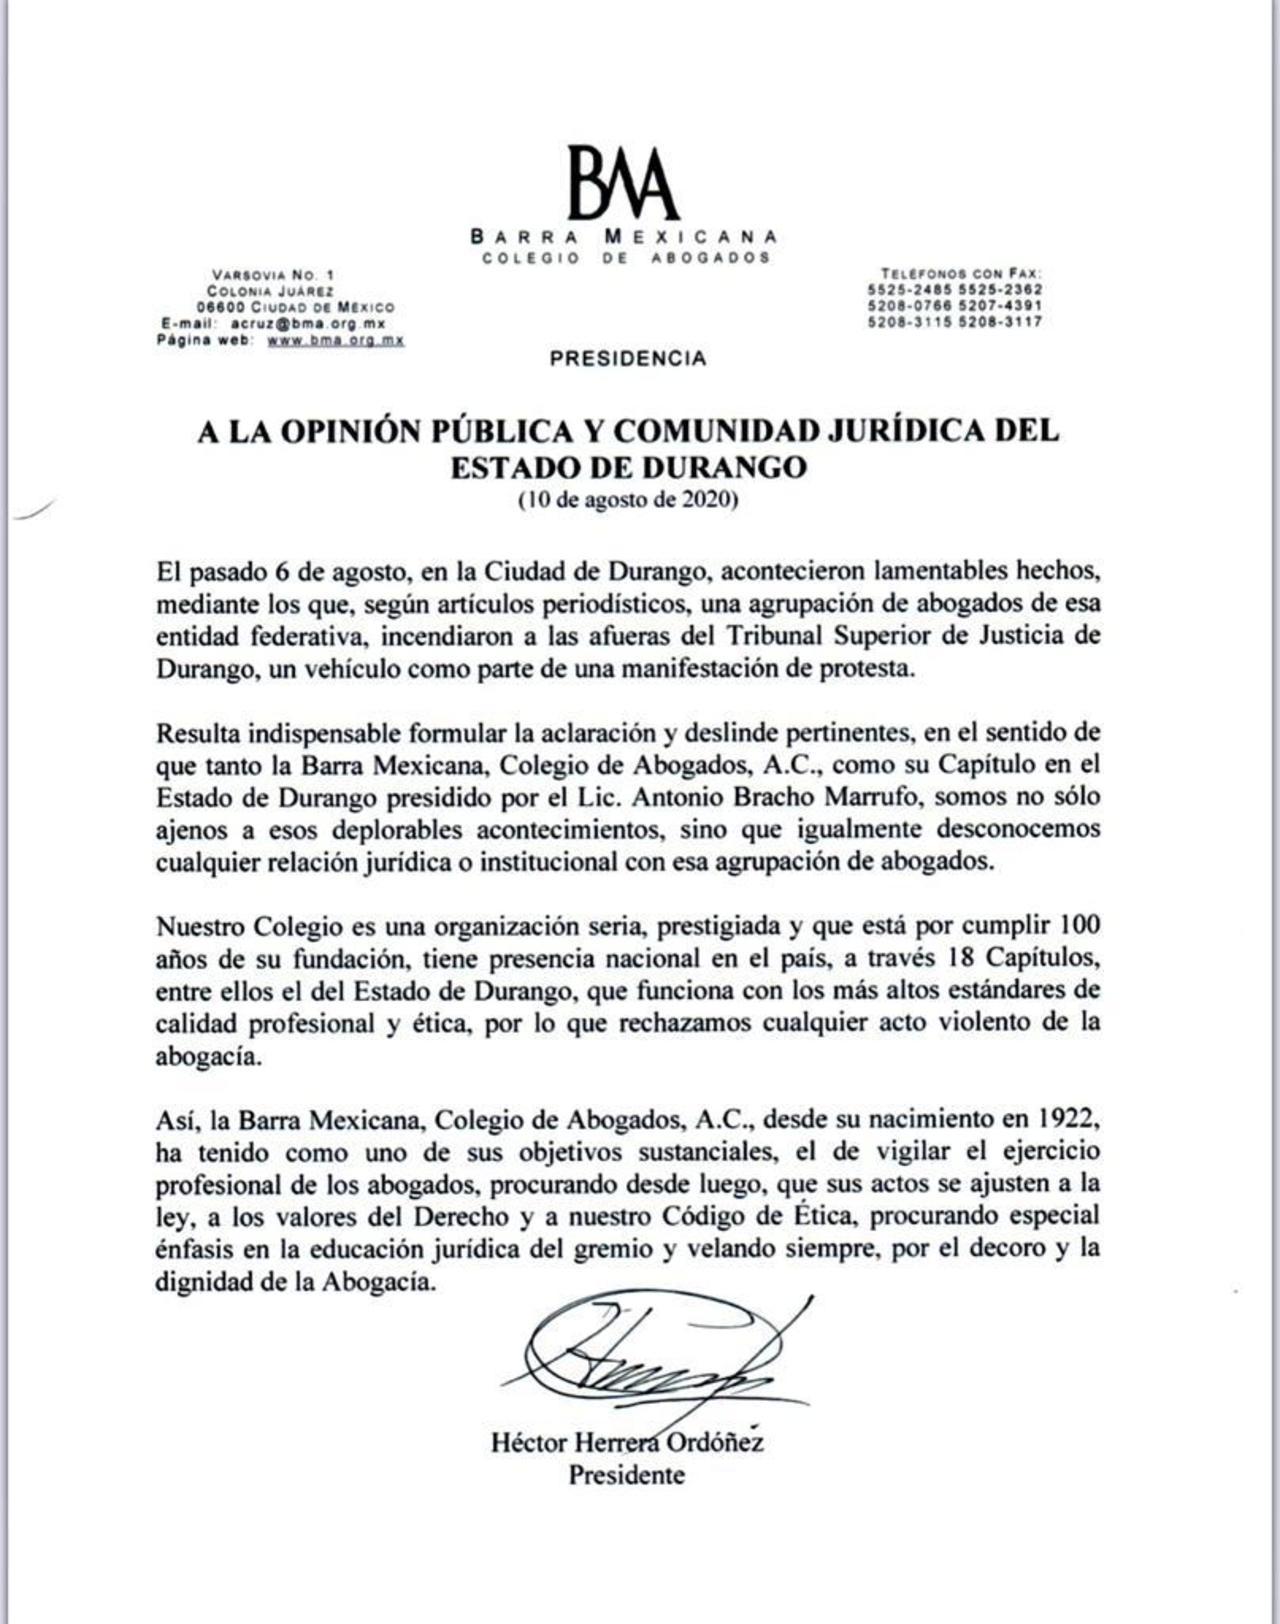 Barra Mexicana, Colegio de Abogados se deslinda de Gamero Luna en Durango